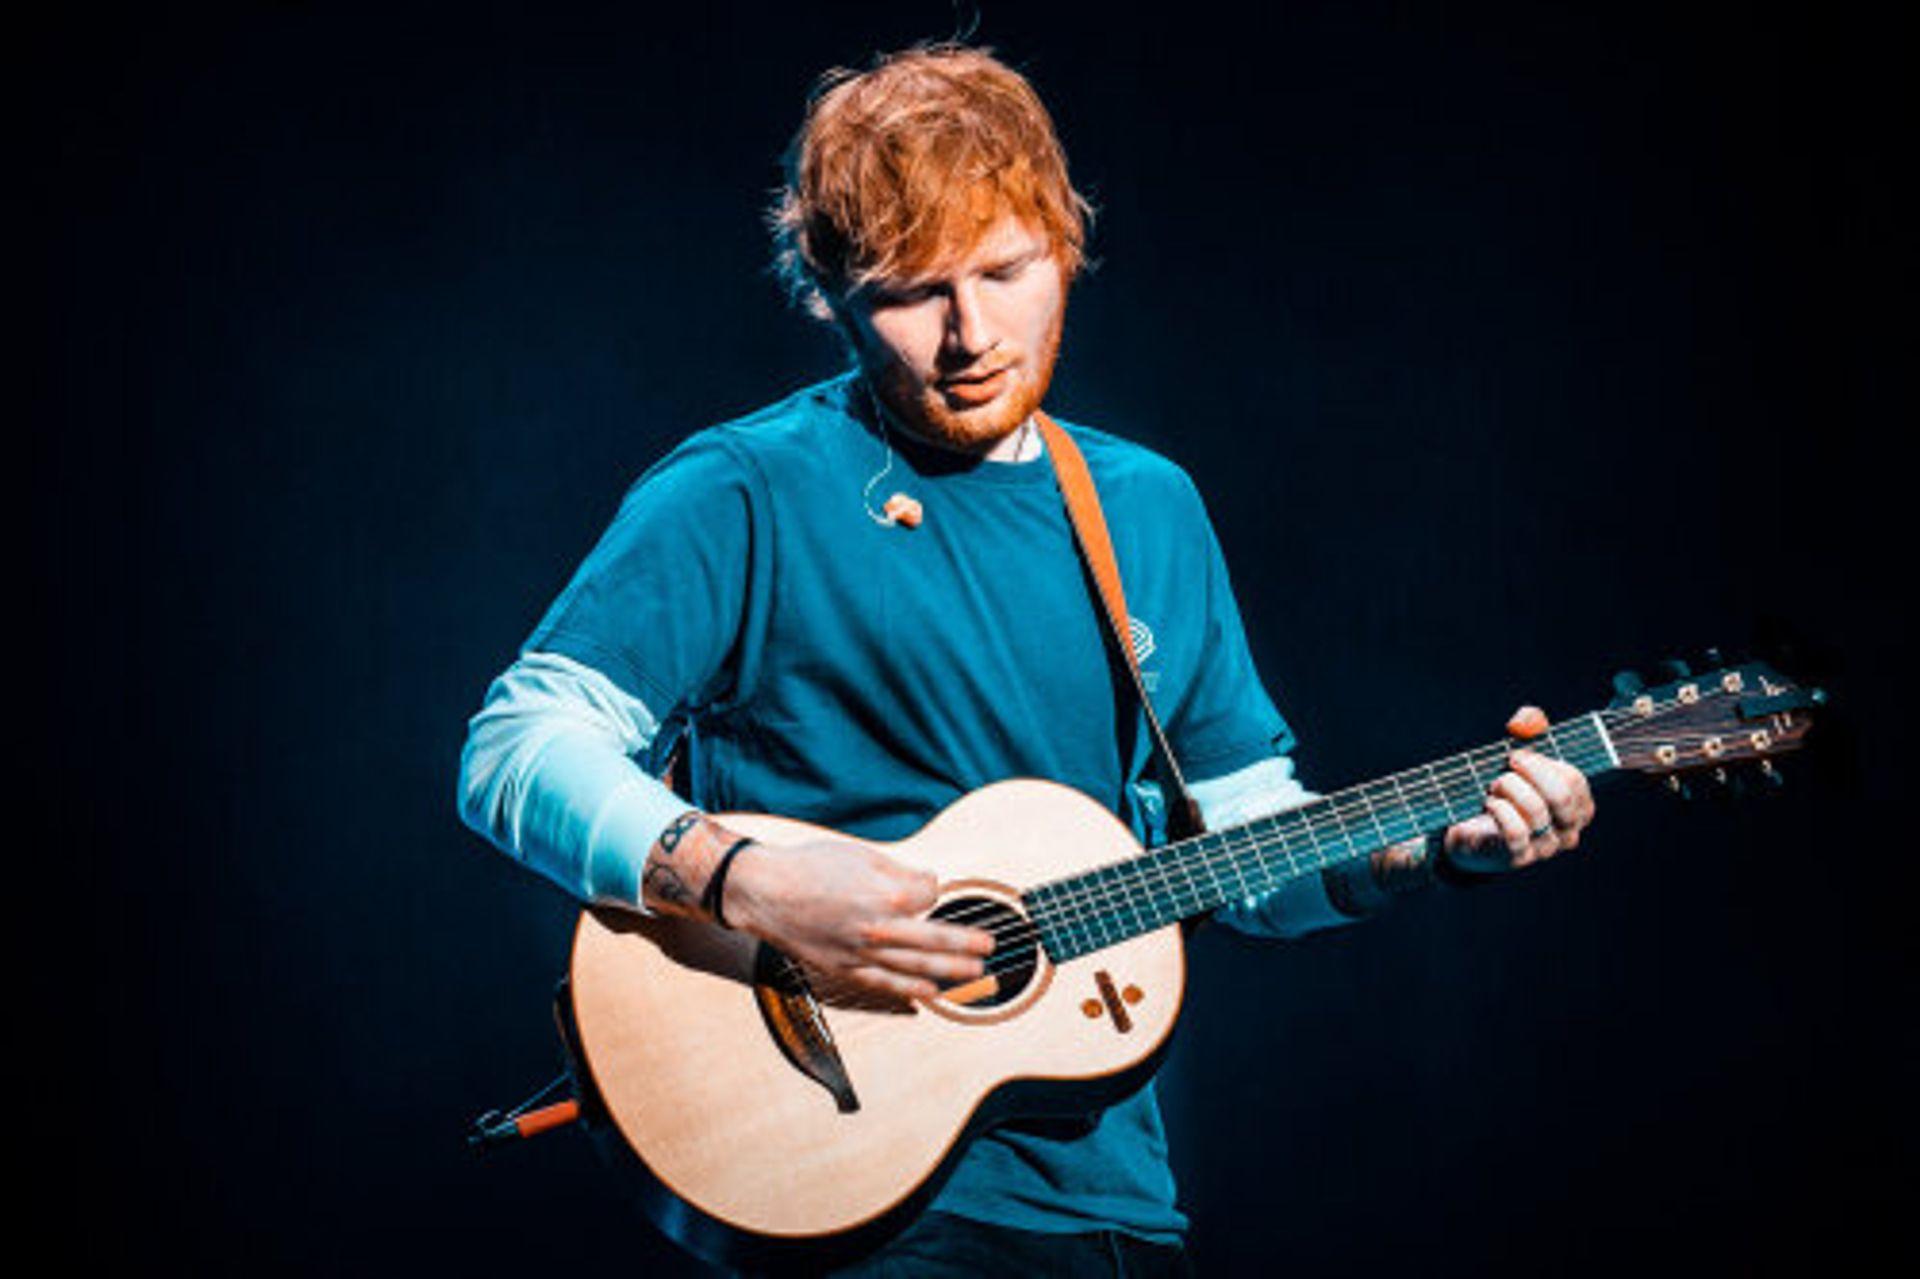 Albumspecial Ed Sheeran: 1 uur vol nieuwe muziek en commentaar van Ed zelf (deel 2)